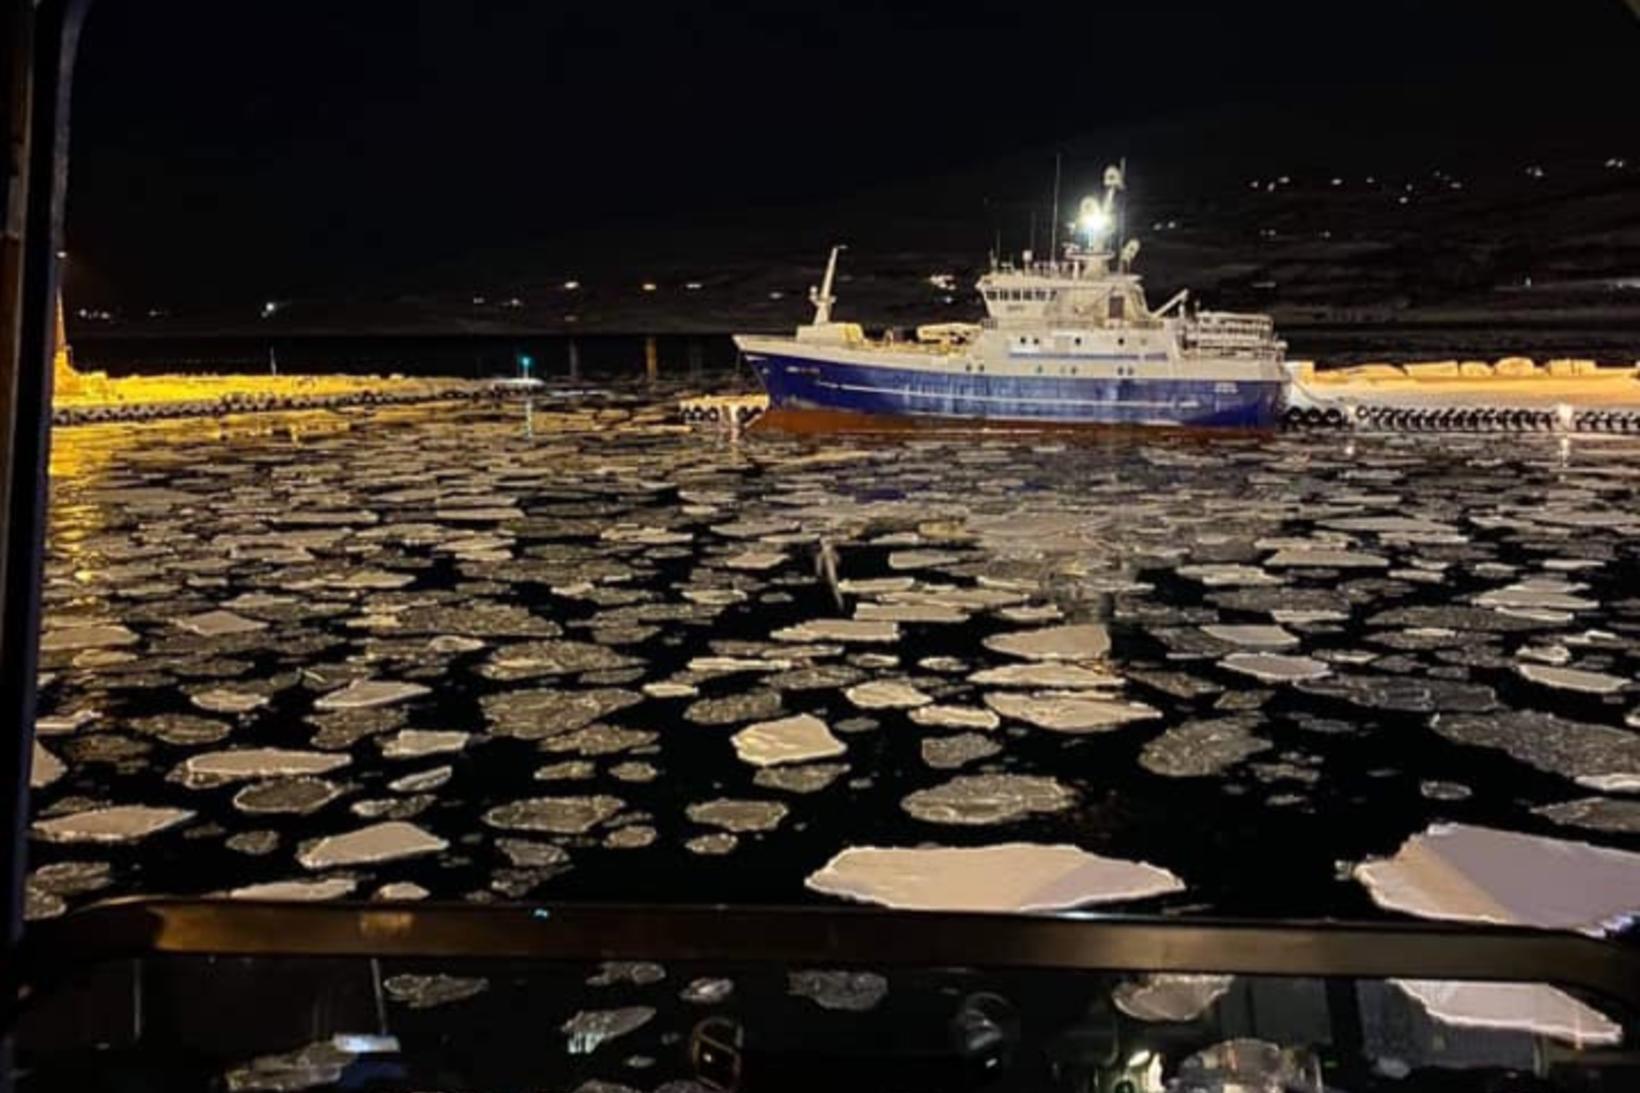 Það var vetrarlegt í höfninni á Akureyri í dag.